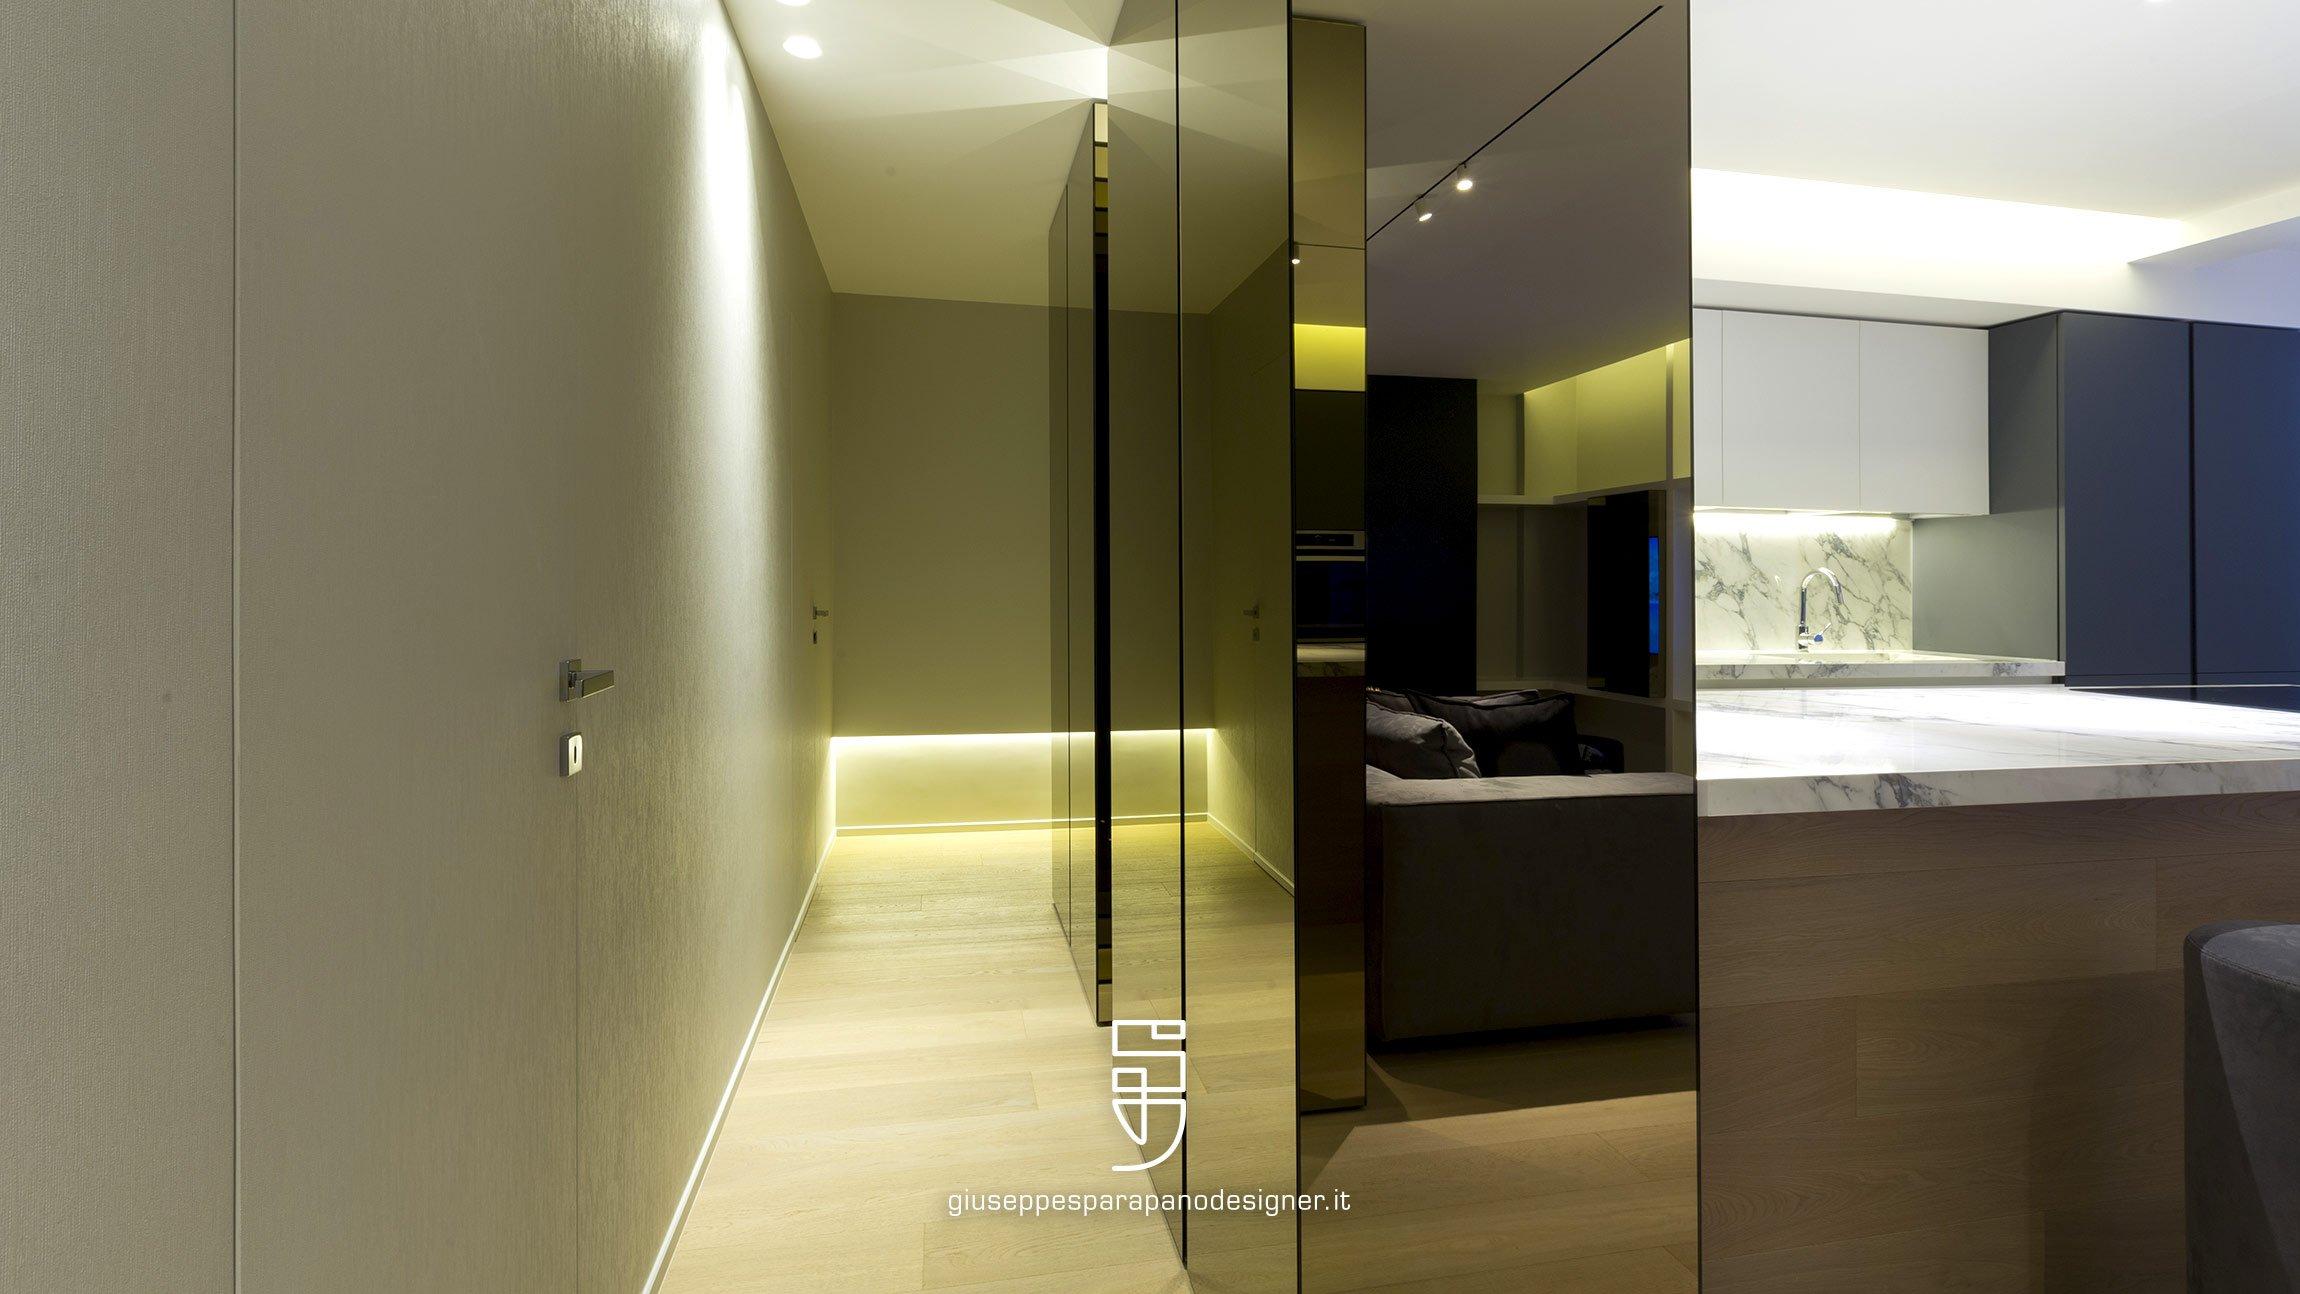 Corridoio con porte invisibili rivestito con carta da parati verniciabili e armadio rivestito a specchio e luci tecniche Viabizzuno